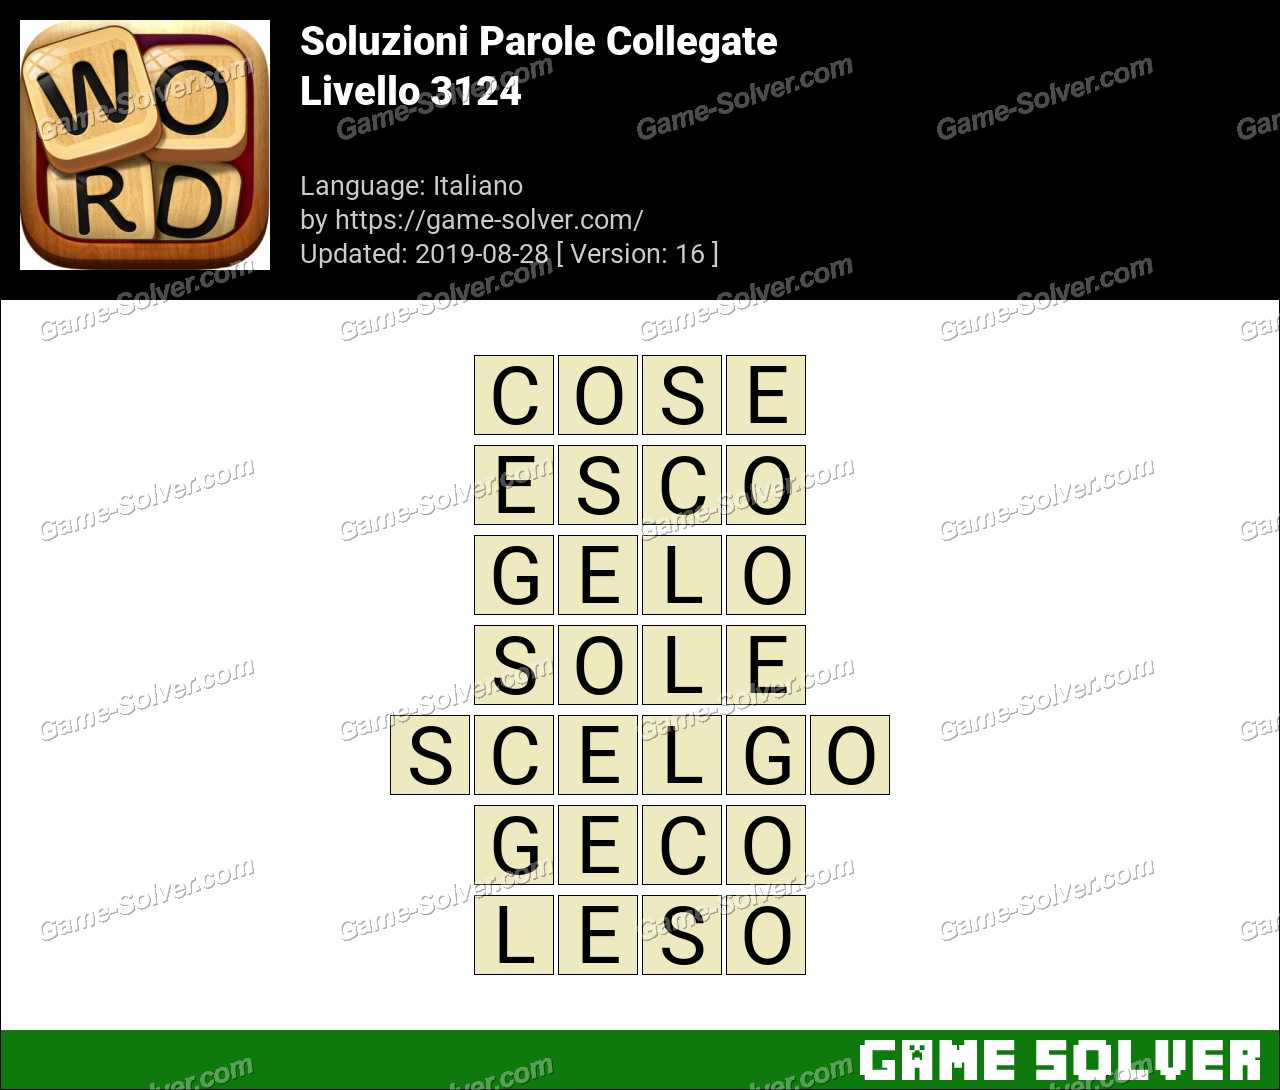 Soluzioni Parole Collegate Livello 3124